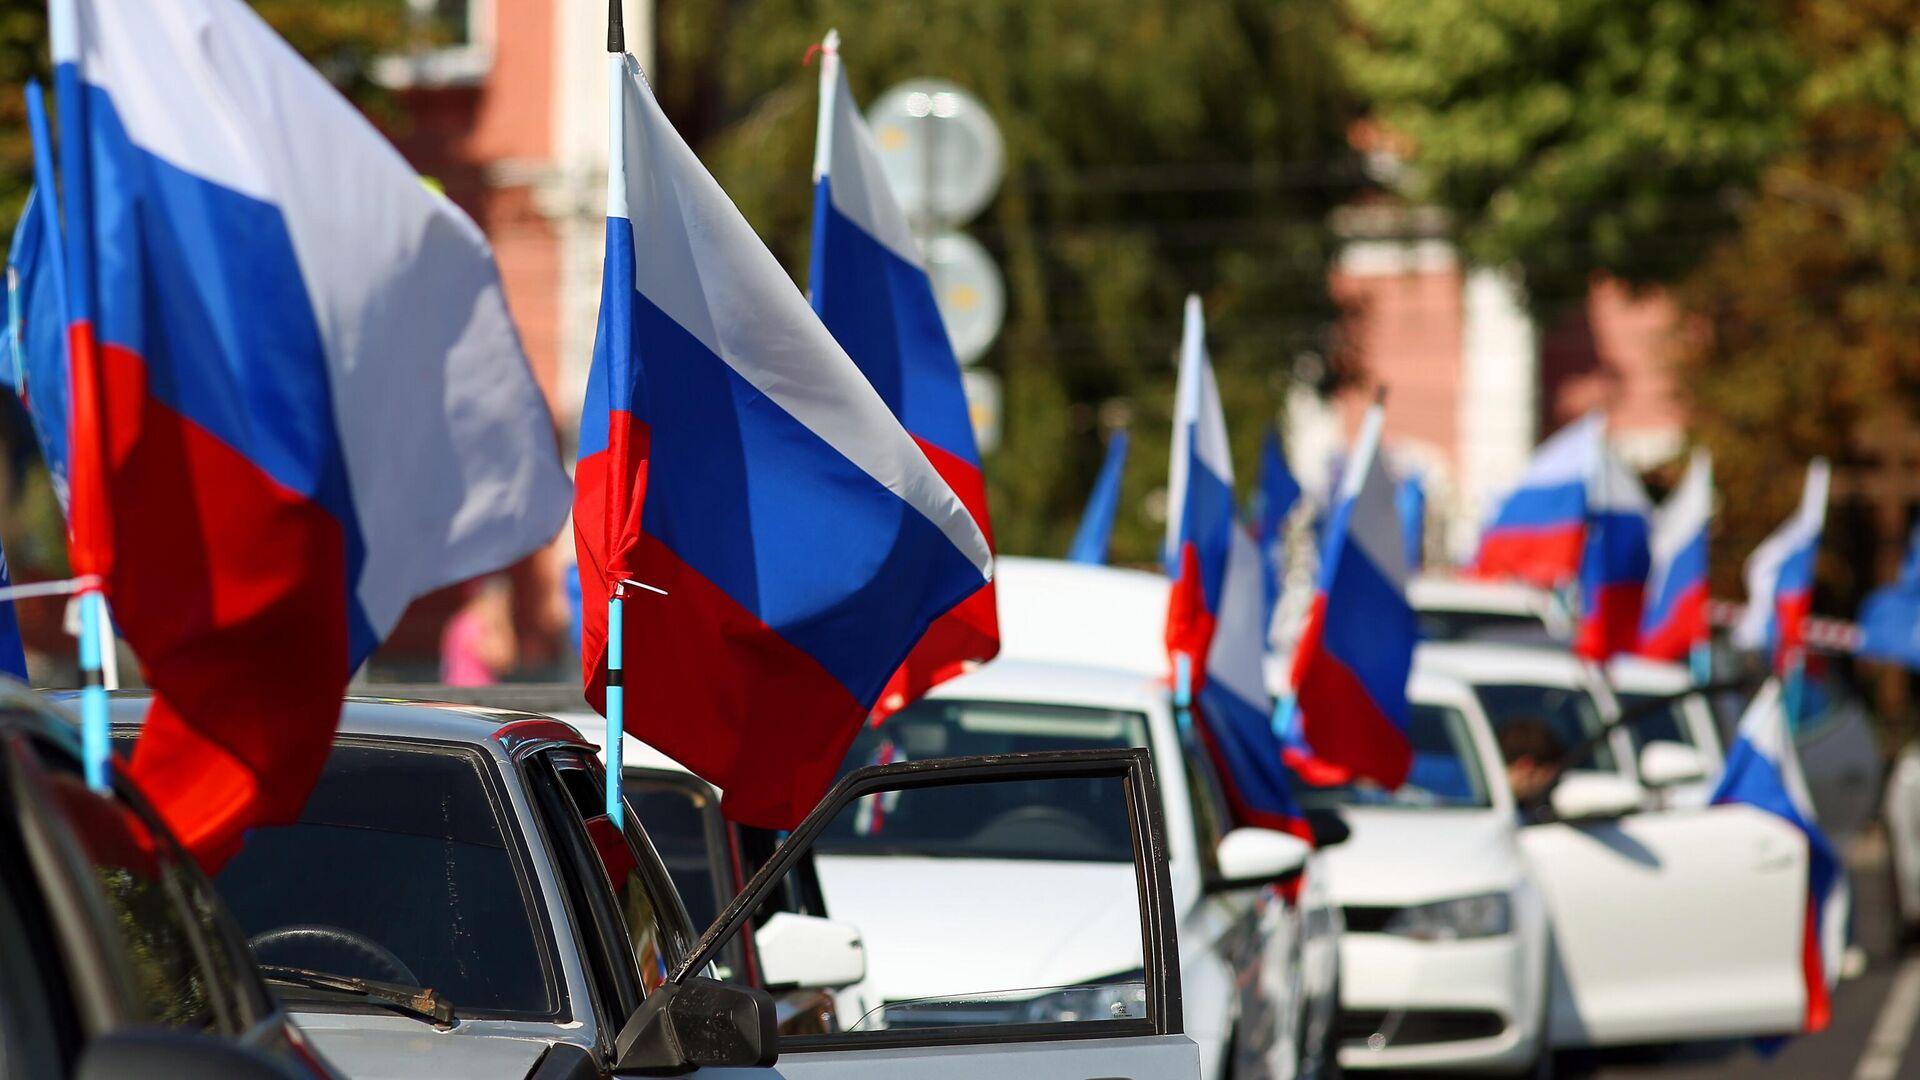 Участники автопробега в честь Дня государственного флага России в Краснодаре - РИА Новости, 1920, 12.06.2021